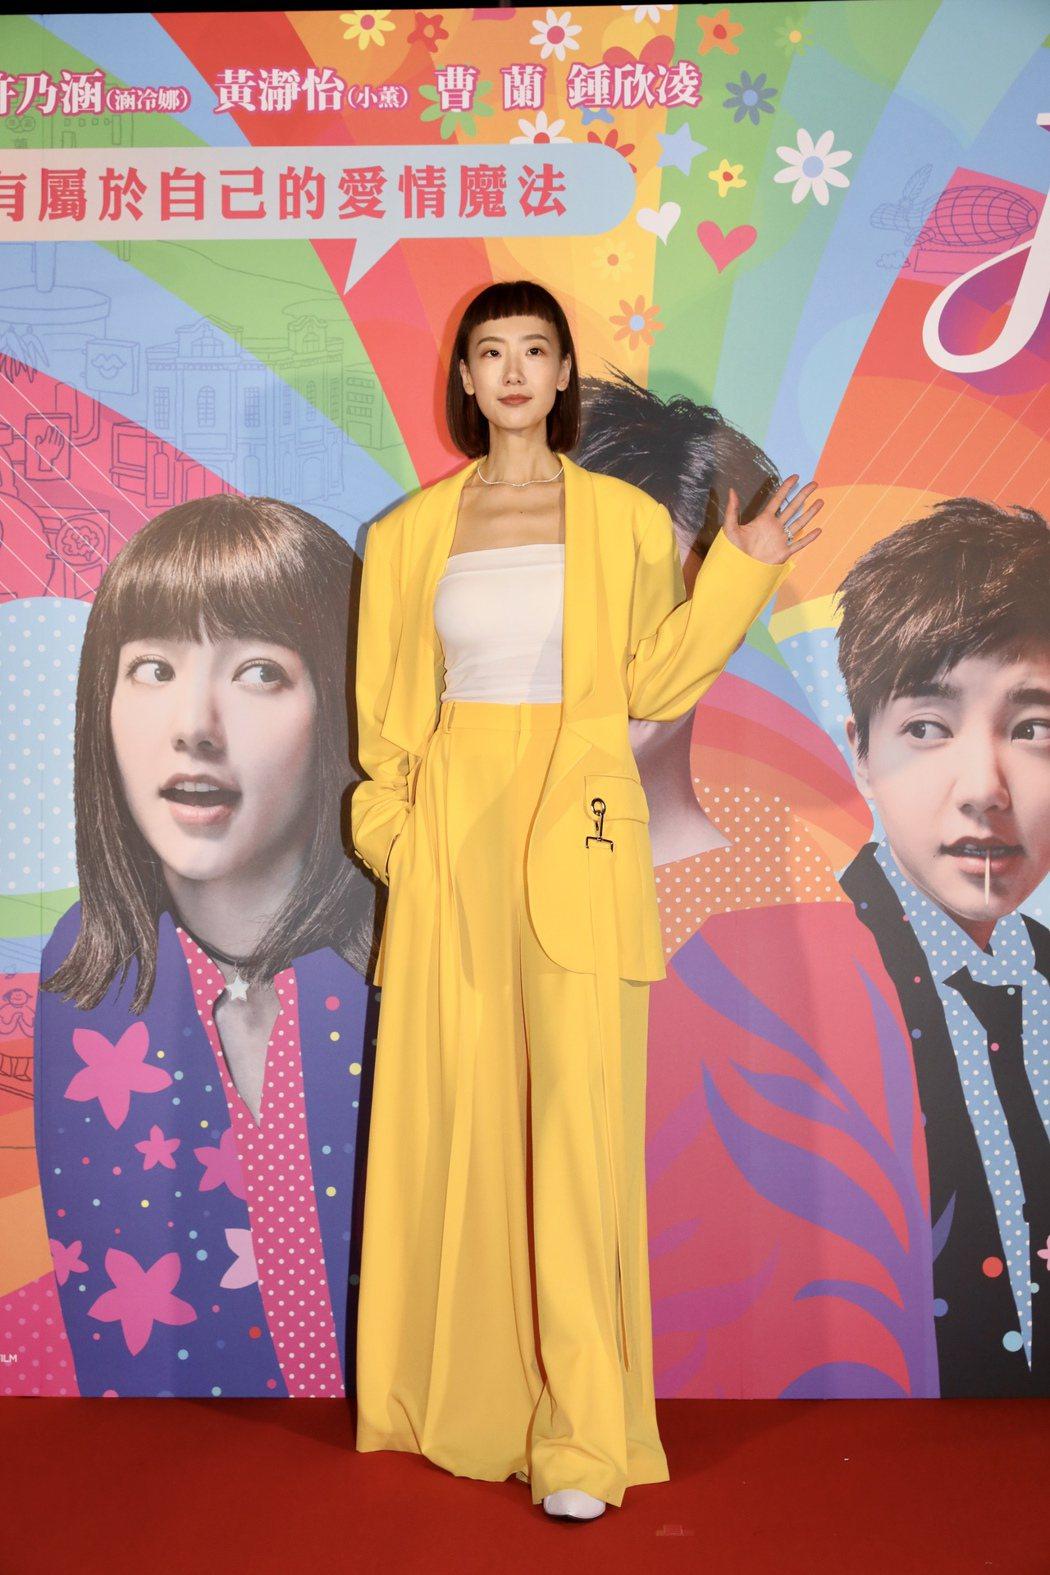 陸明君出席電影「揭大歡喜」記者會。記者李政龍/攝影